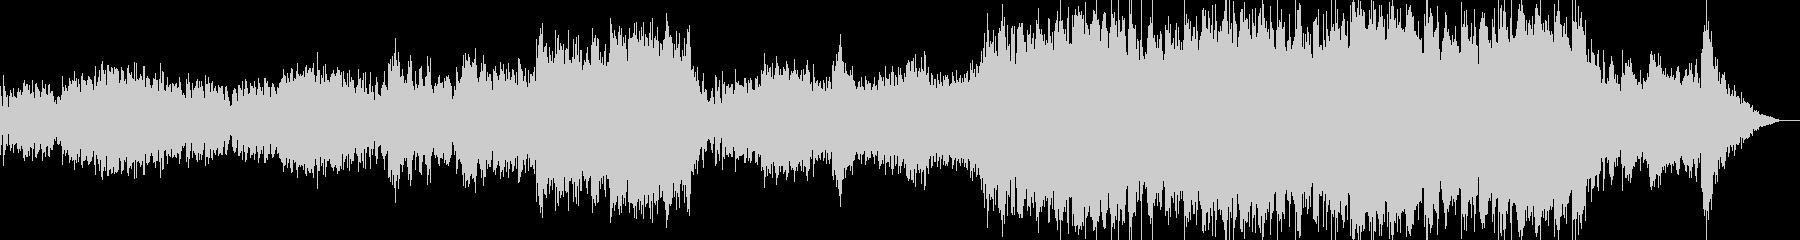 エピック オーケストラ バグパイプの未再生の波形